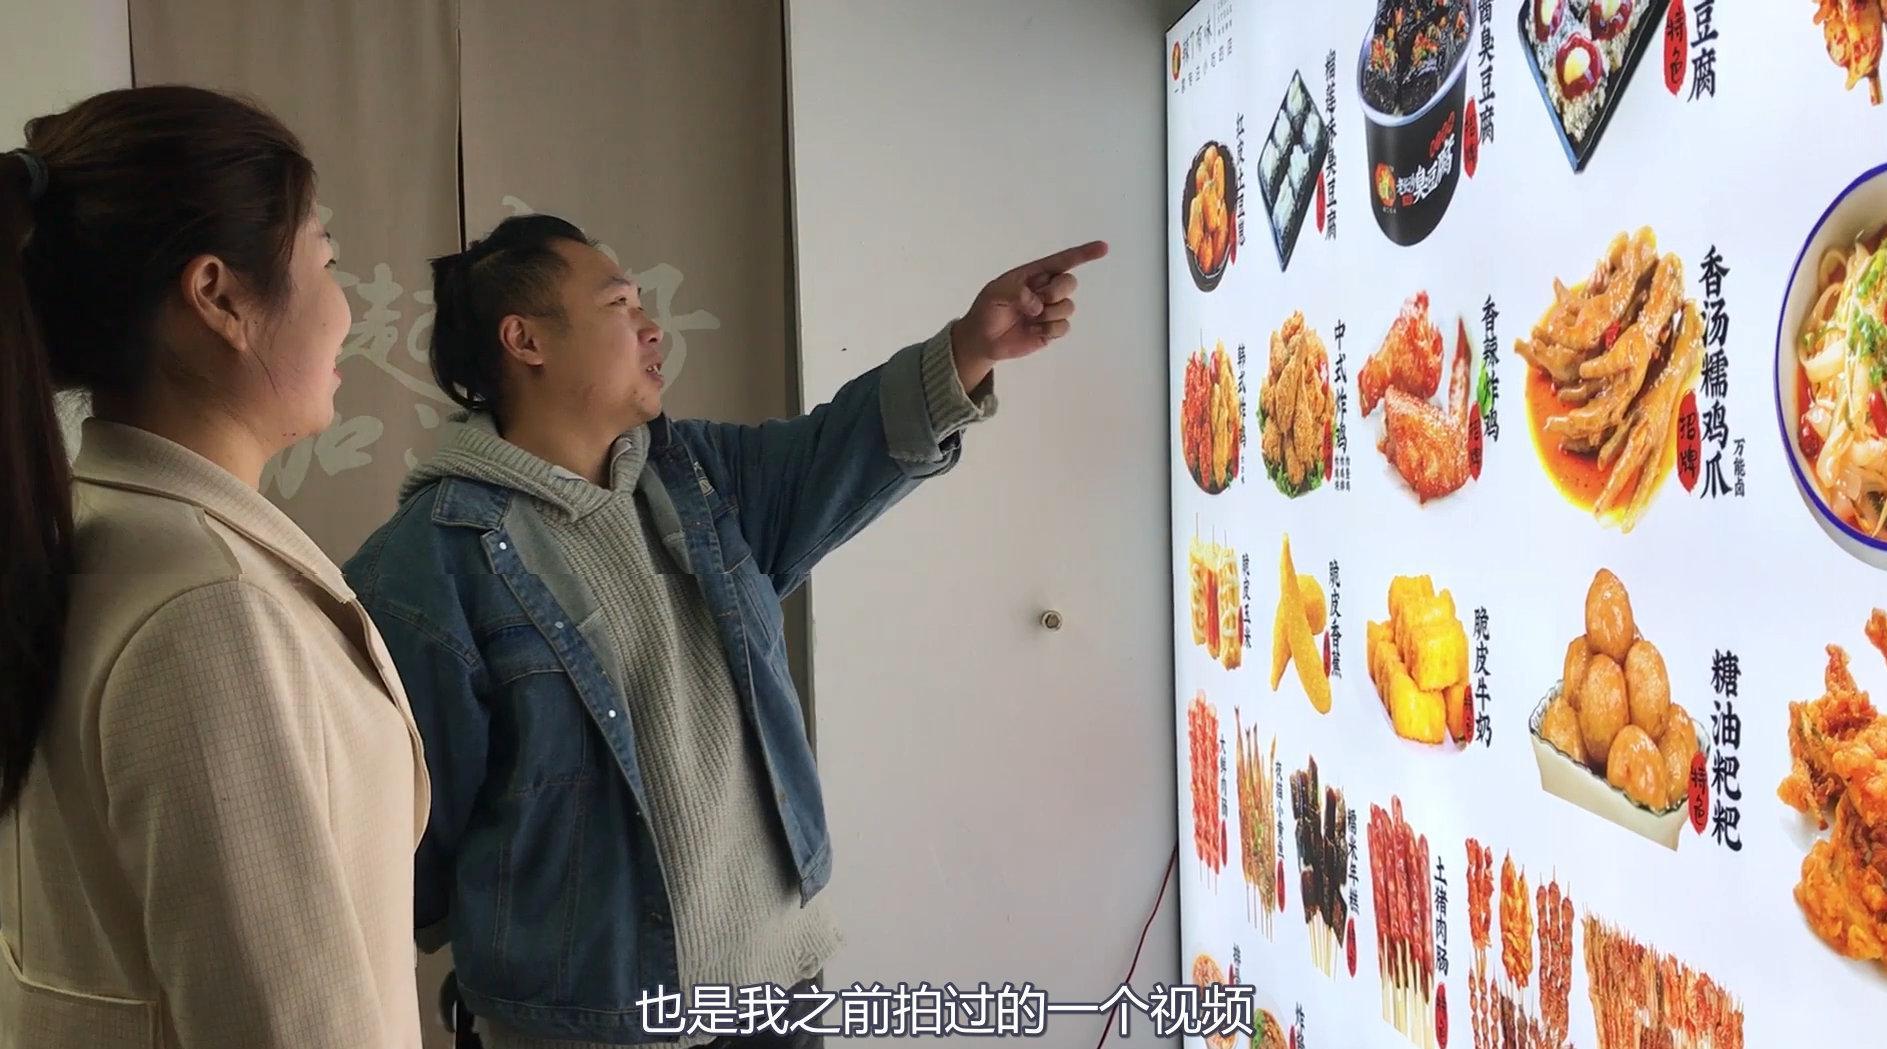 实拍湖南小吃技术:学好回家摆摊每天2到3千……